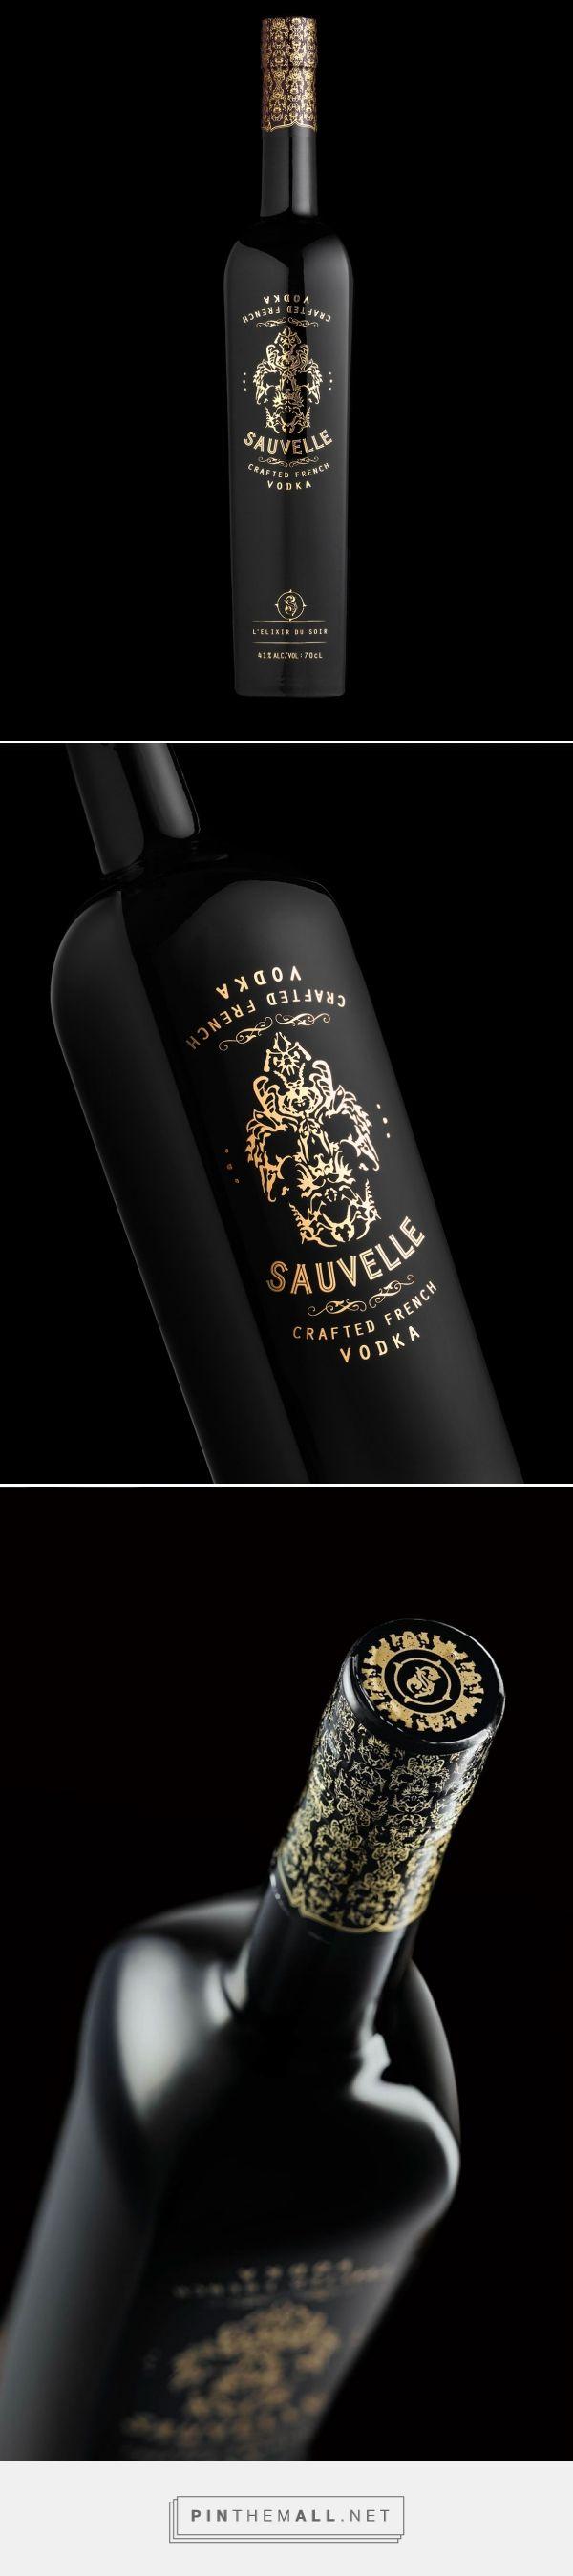 Sauvelle Vodka packaging designed by Stranger & Stranger (USA) - http://www.packagingoftheworld.com/2016/02/sauvelle.html